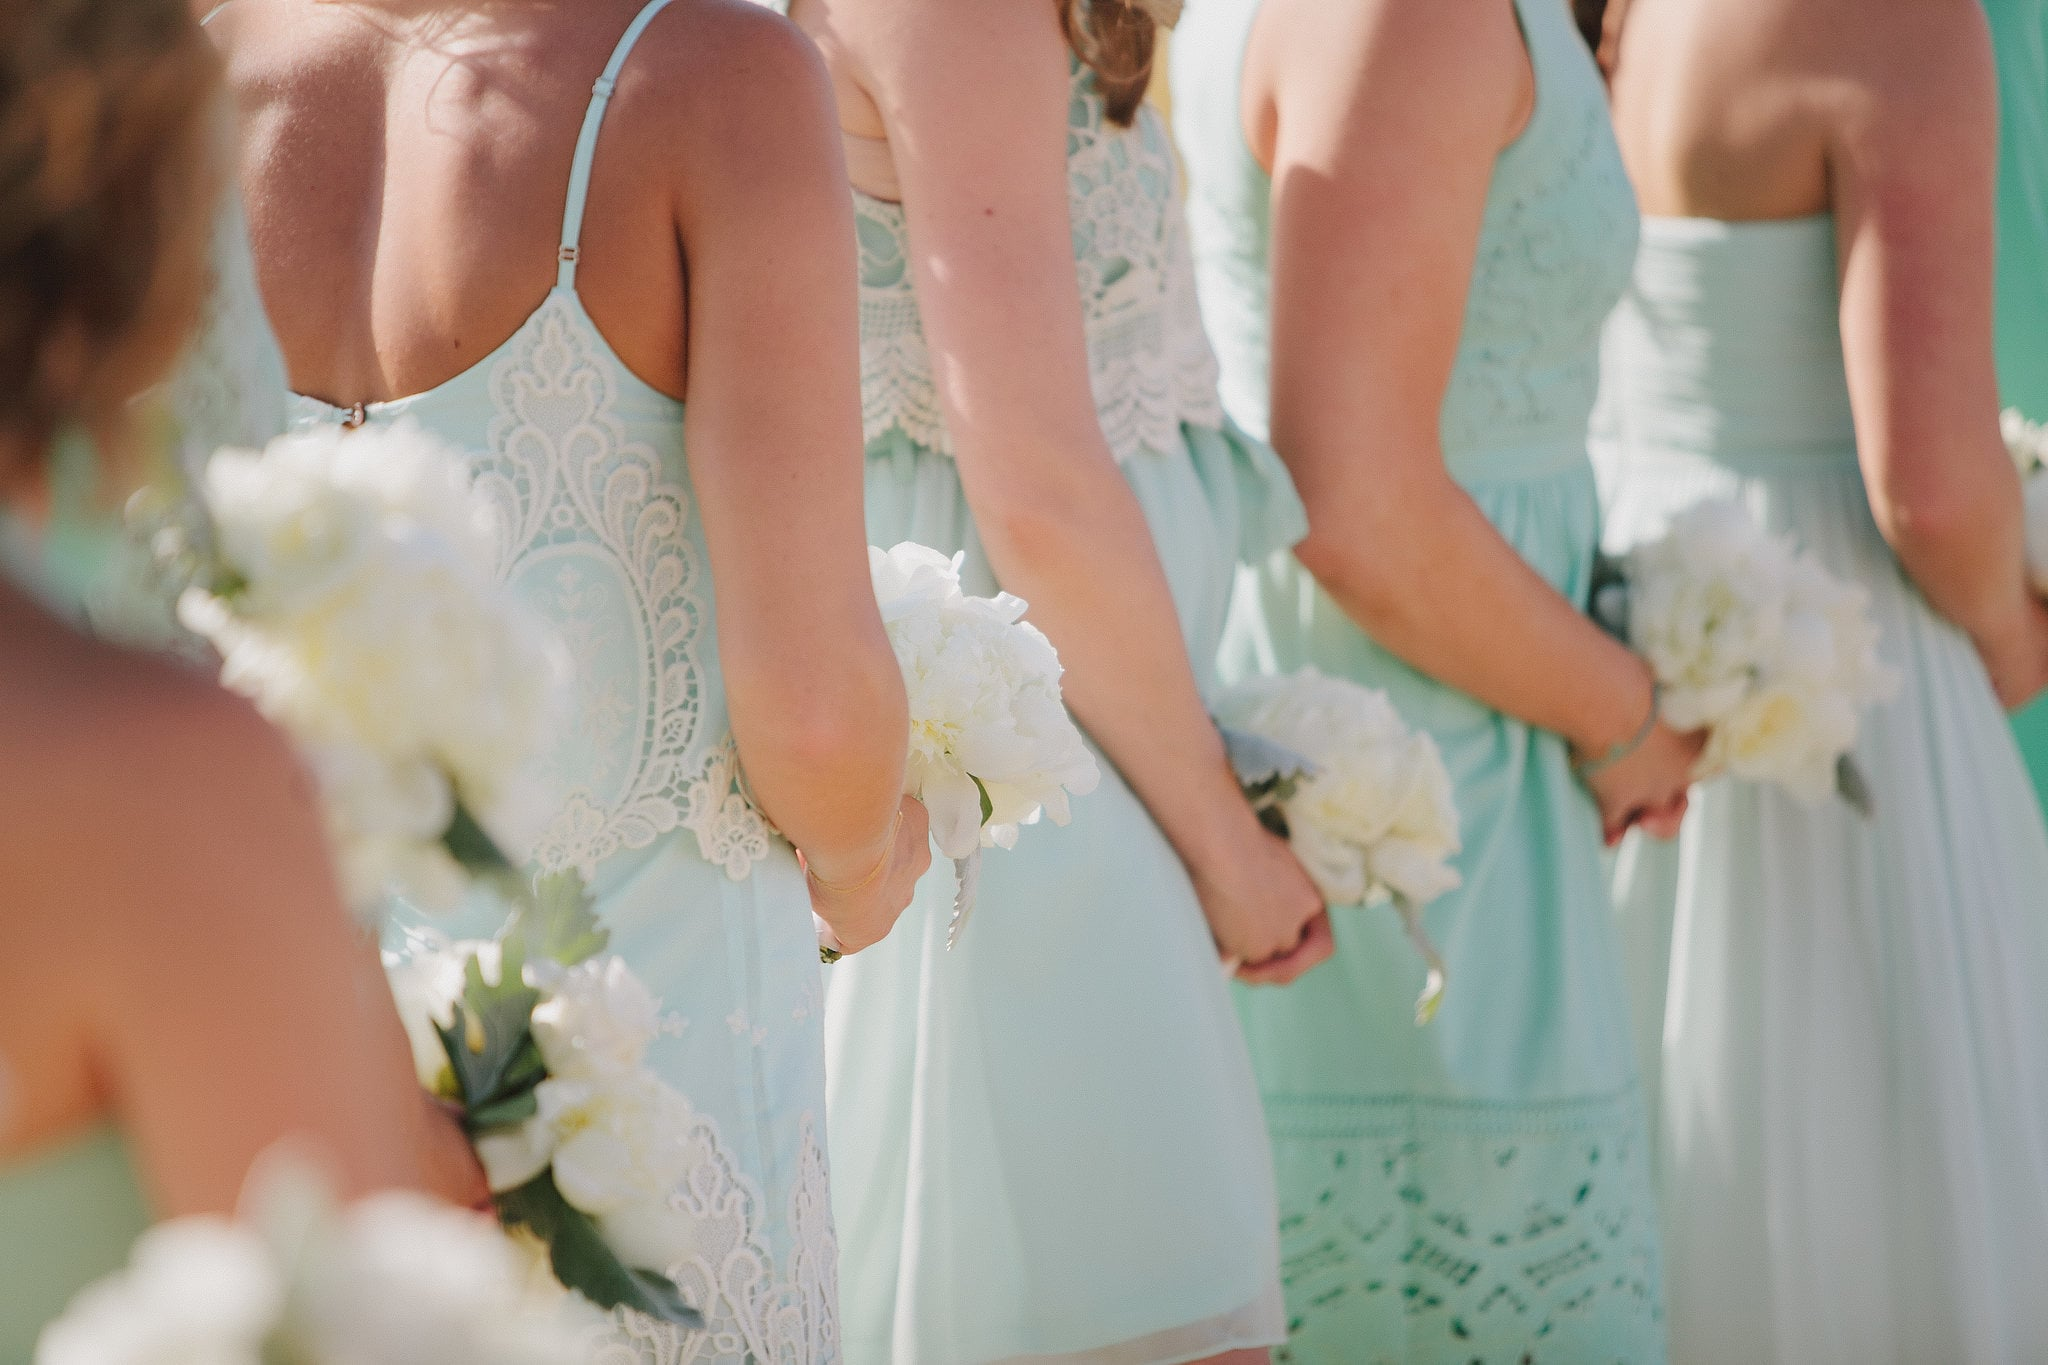 Allow Mismatched Bridesmaids Dresses